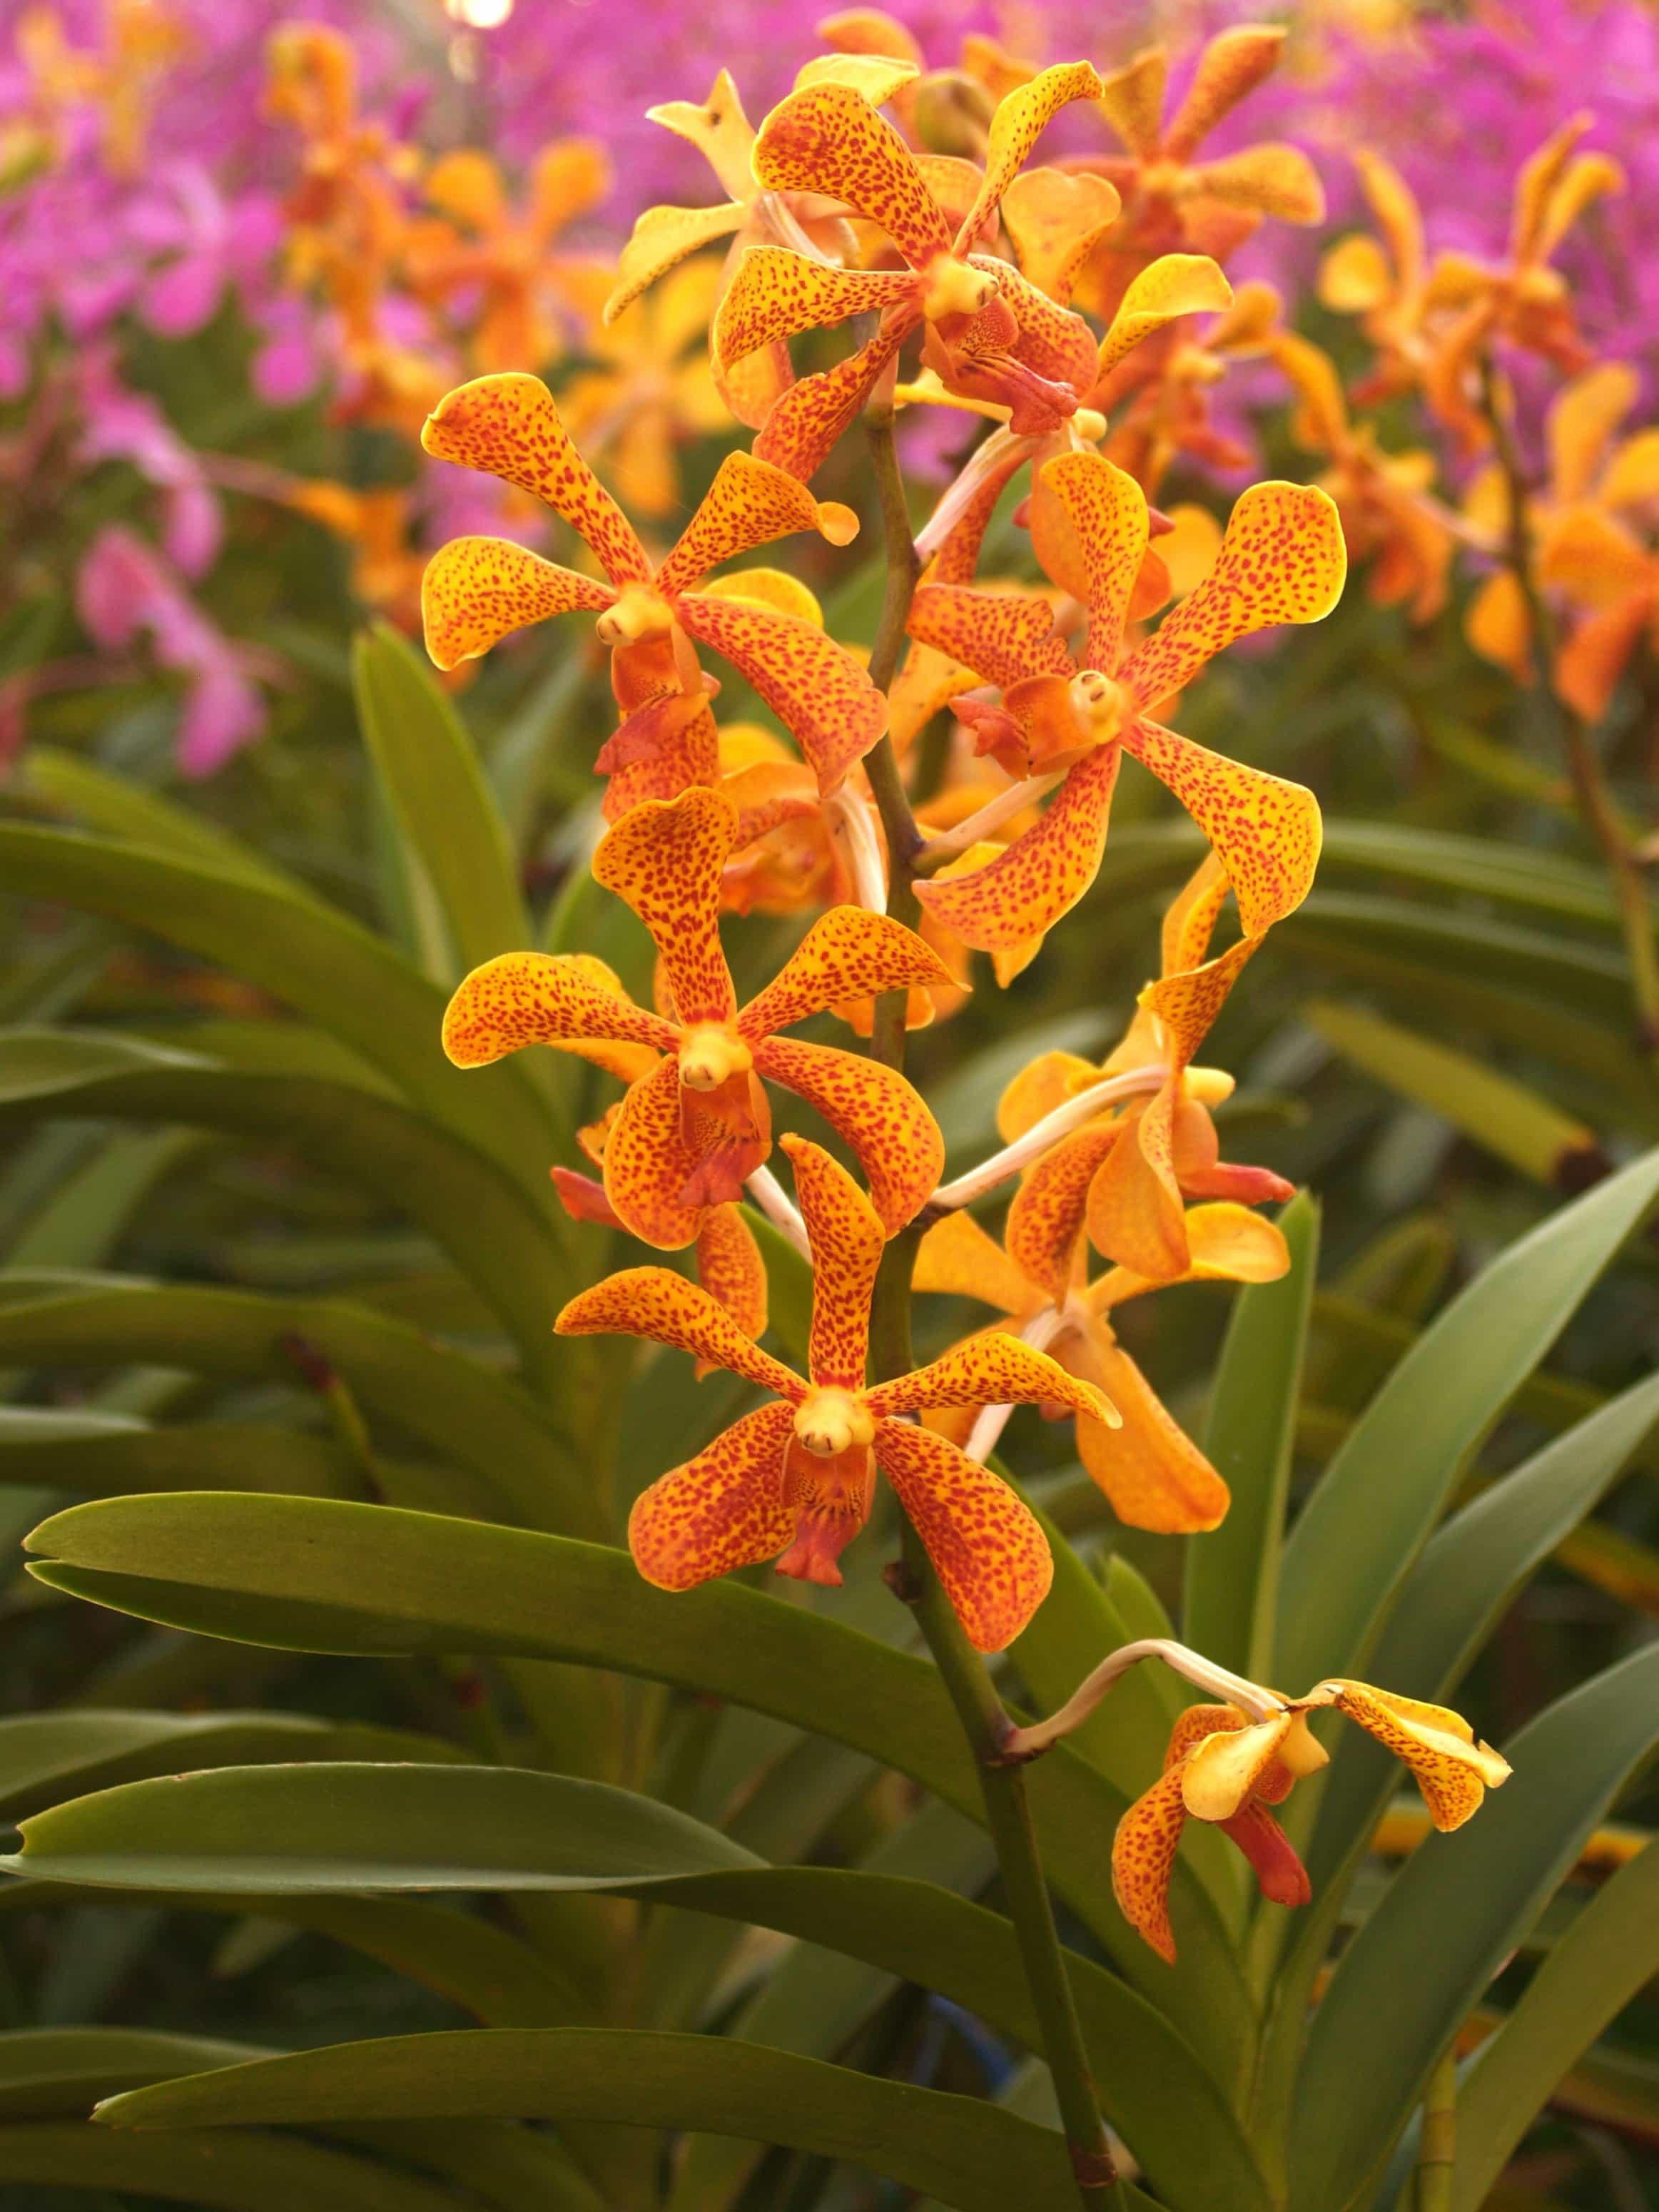 Free Picture: Flower, Nature, Flora, Summer, Garden, Leaf